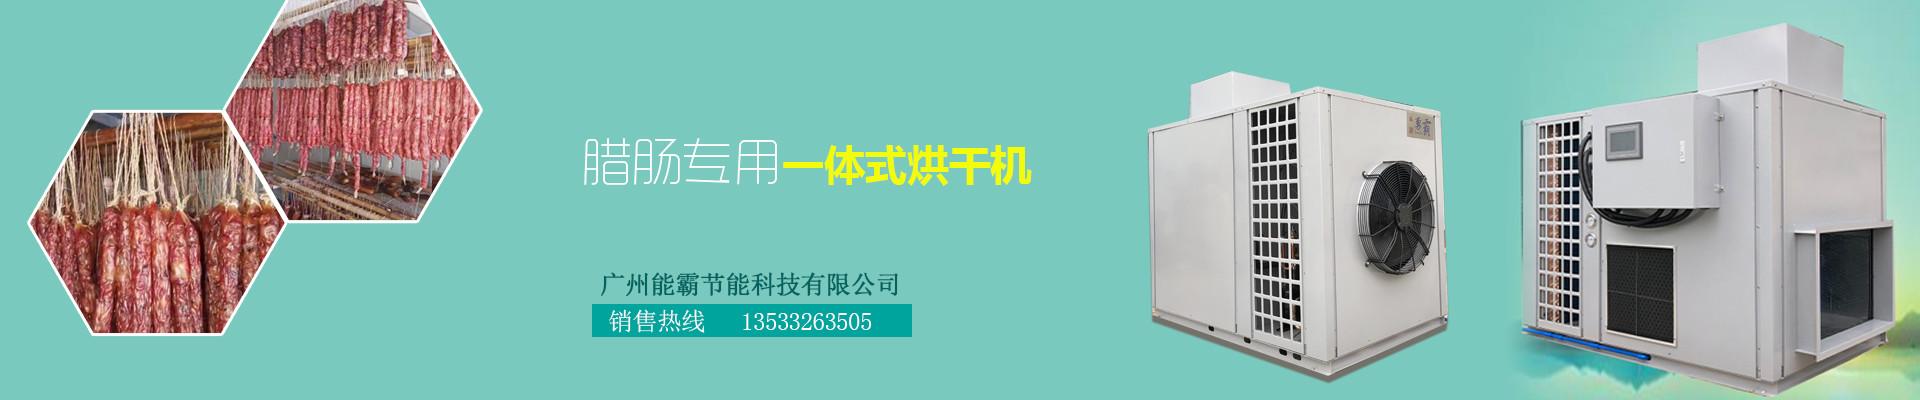 广州能霸节能科技有限公司